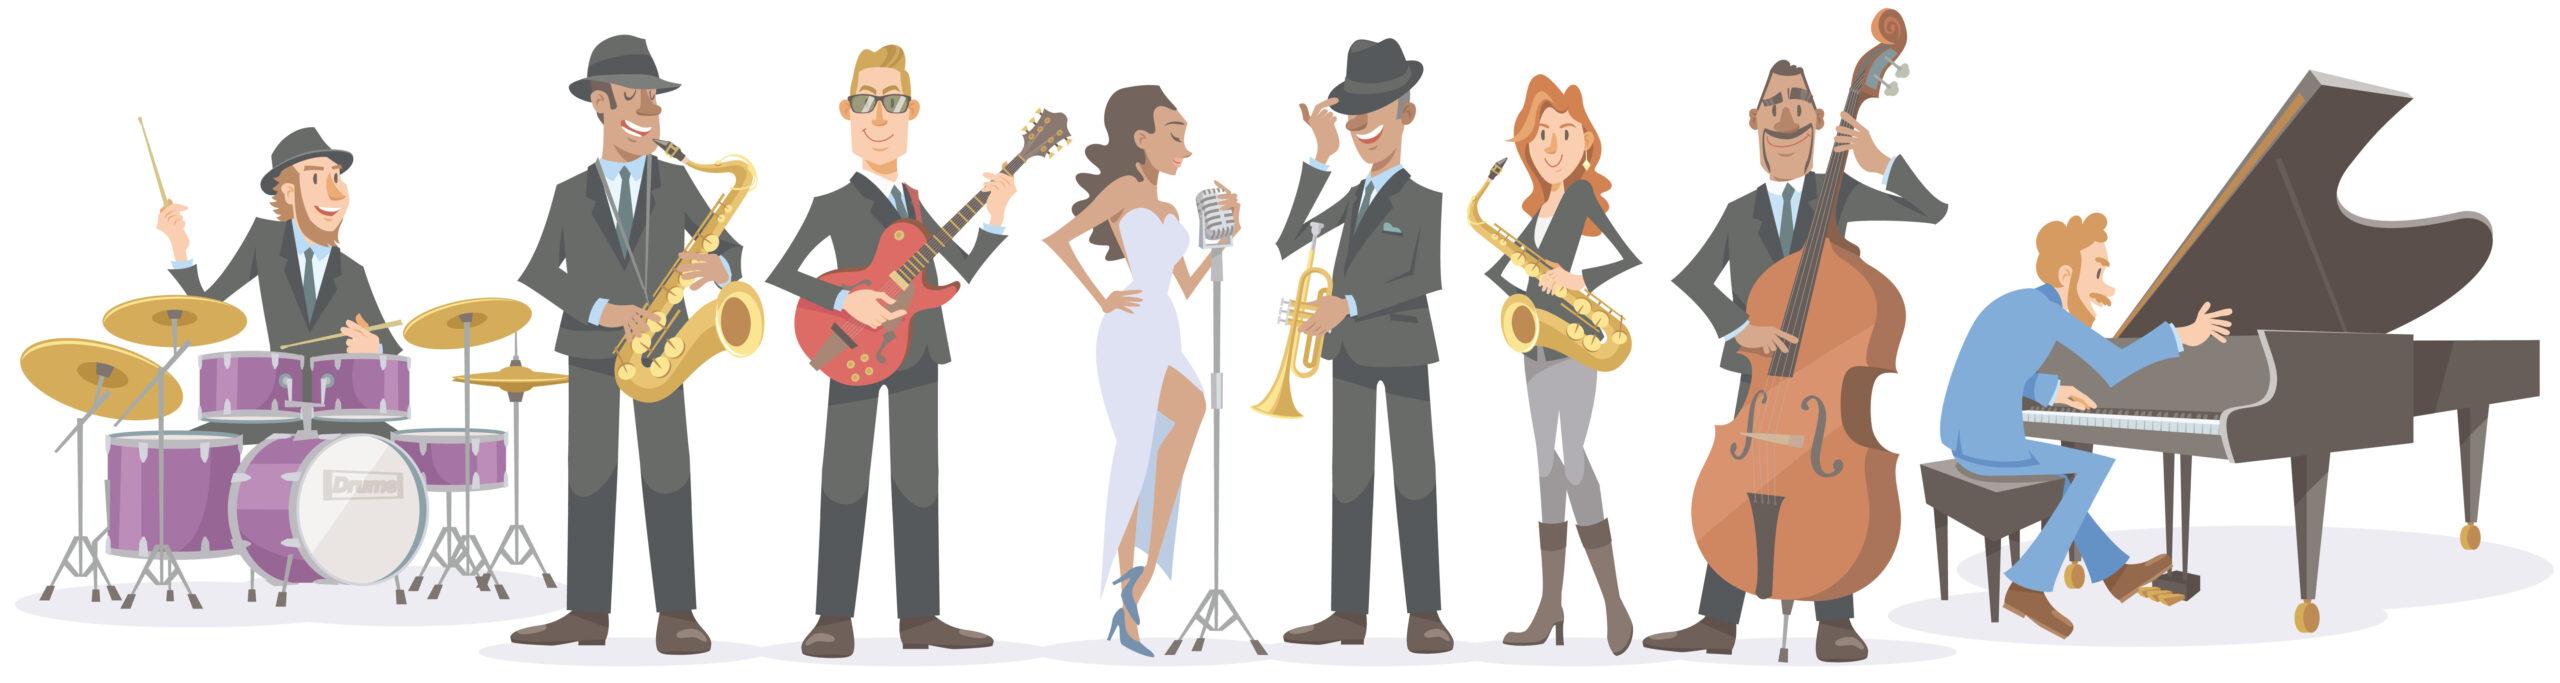 クラウドソーシングで発注されている音楽案件の種類の画像